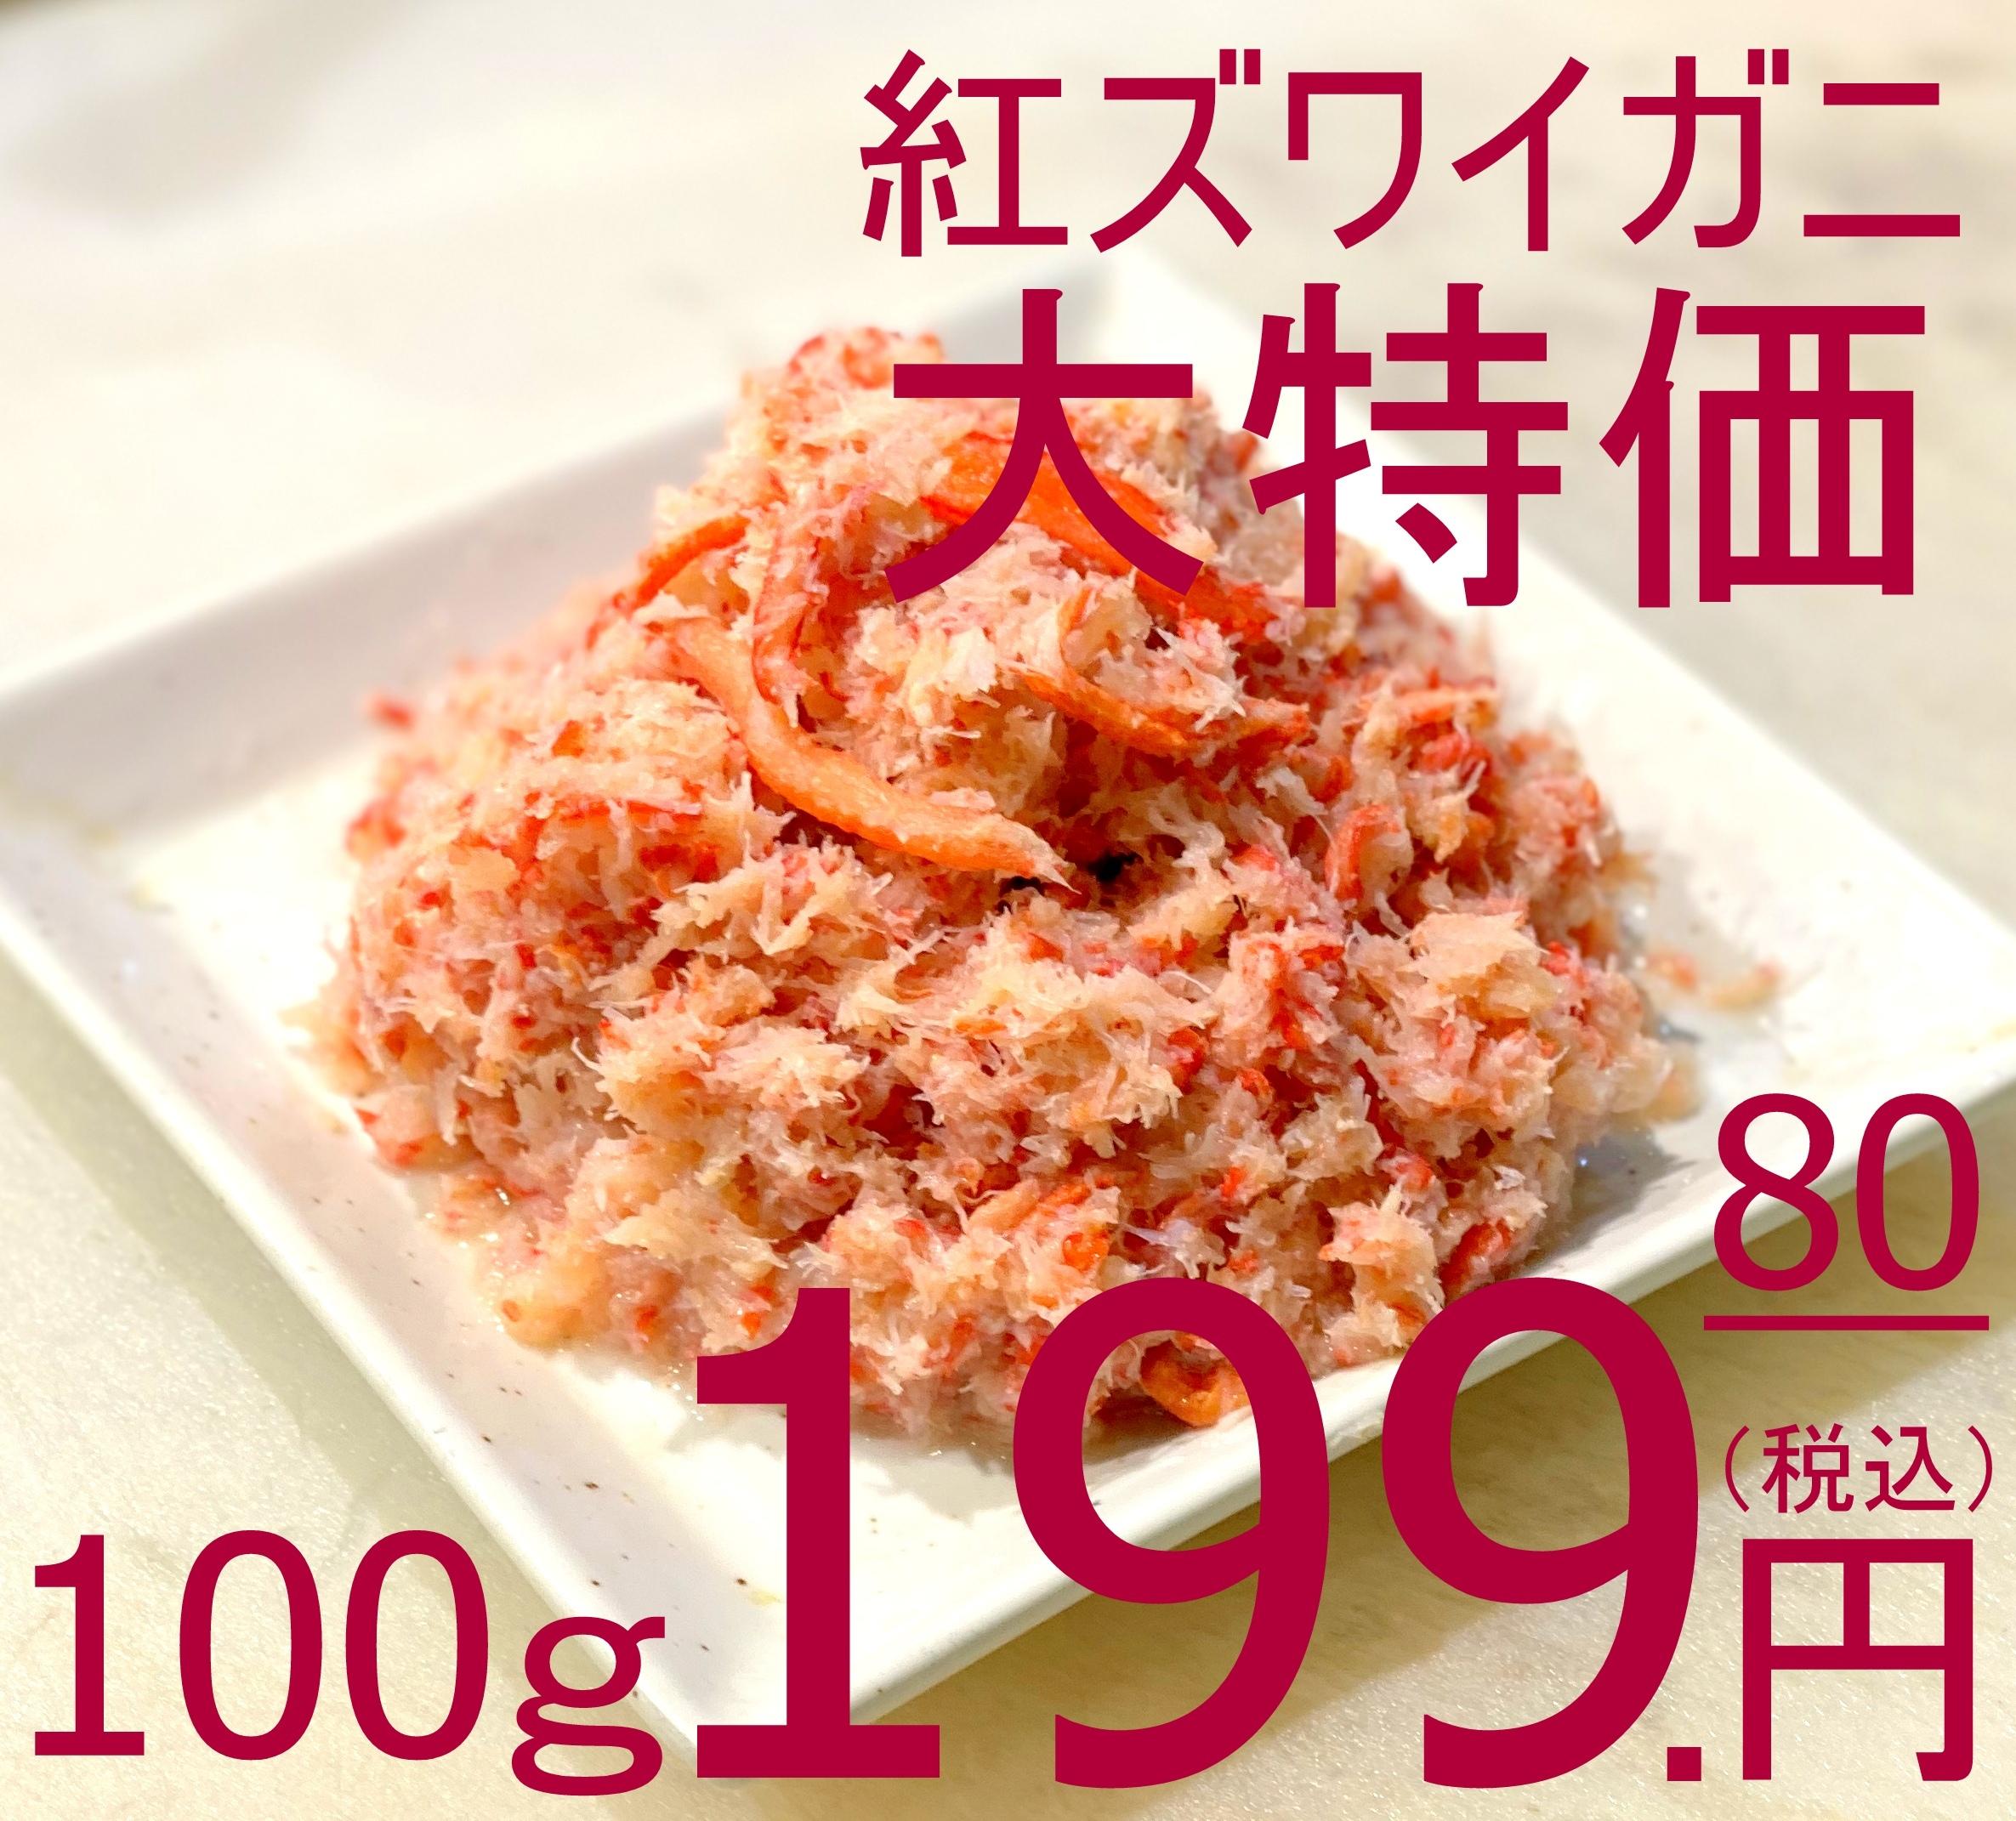 【業界最安値!超特価!】247 冷凍 紅ズワイガニフレーク(ほぐし身) 業務用500g 999円(税込)